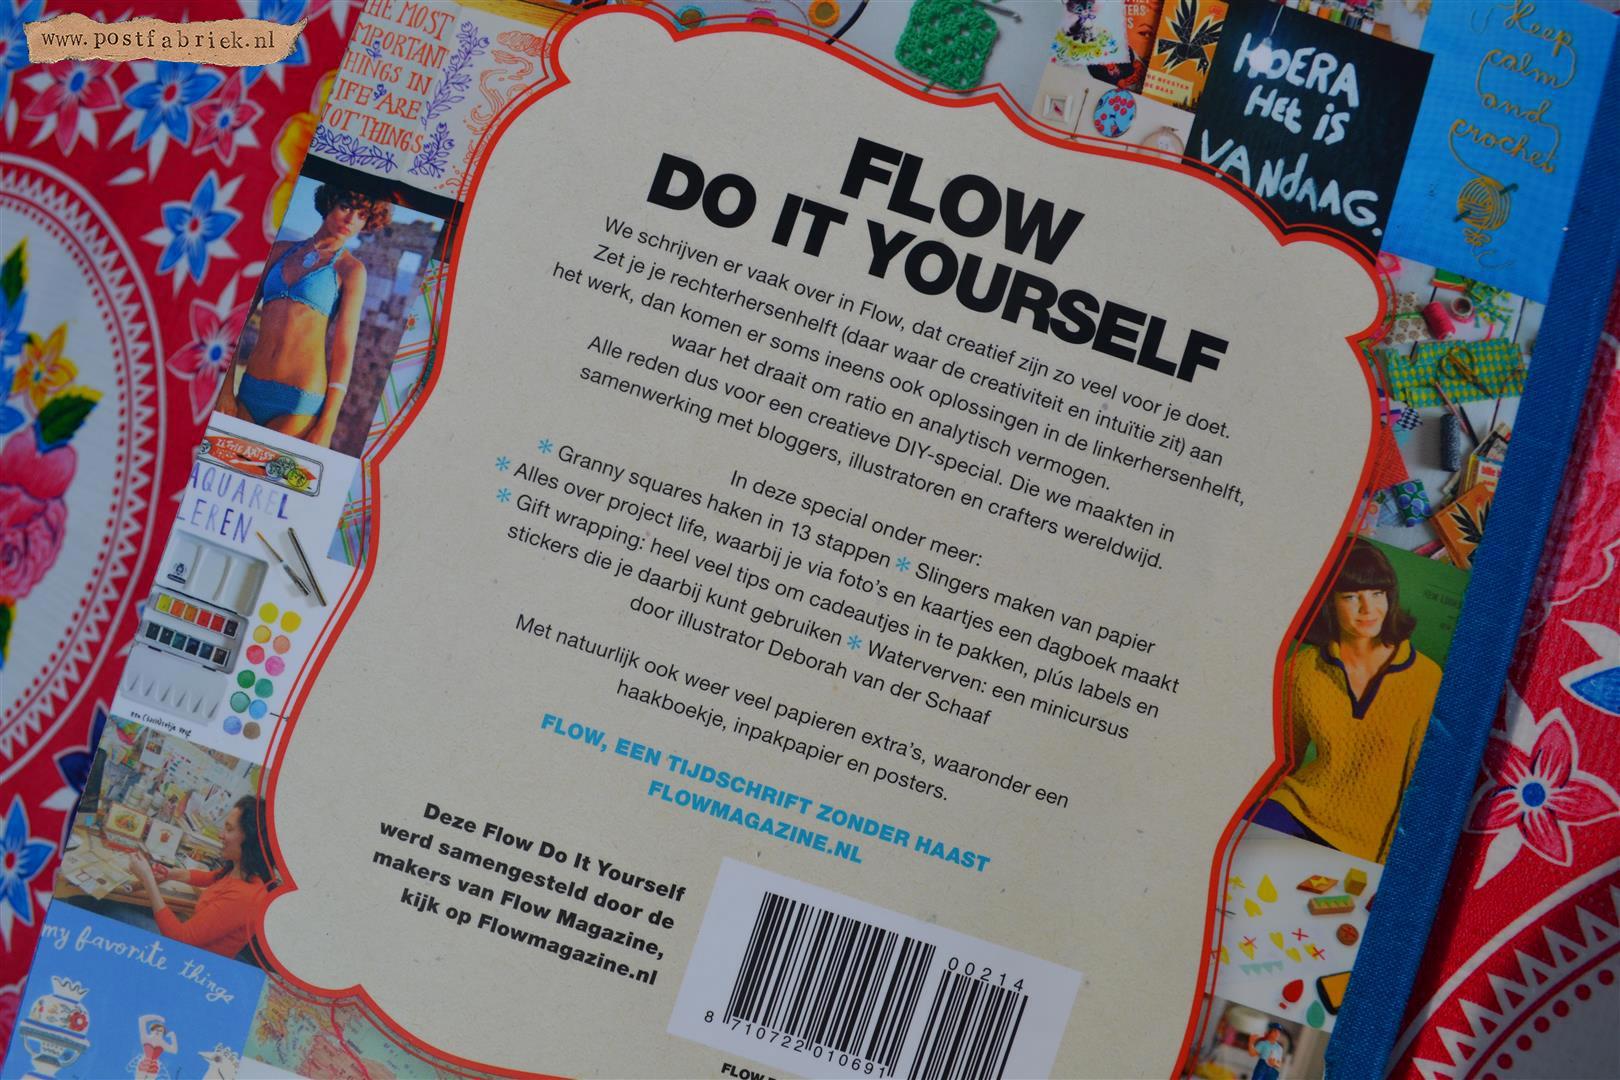 Flow Special DIY Achterkant